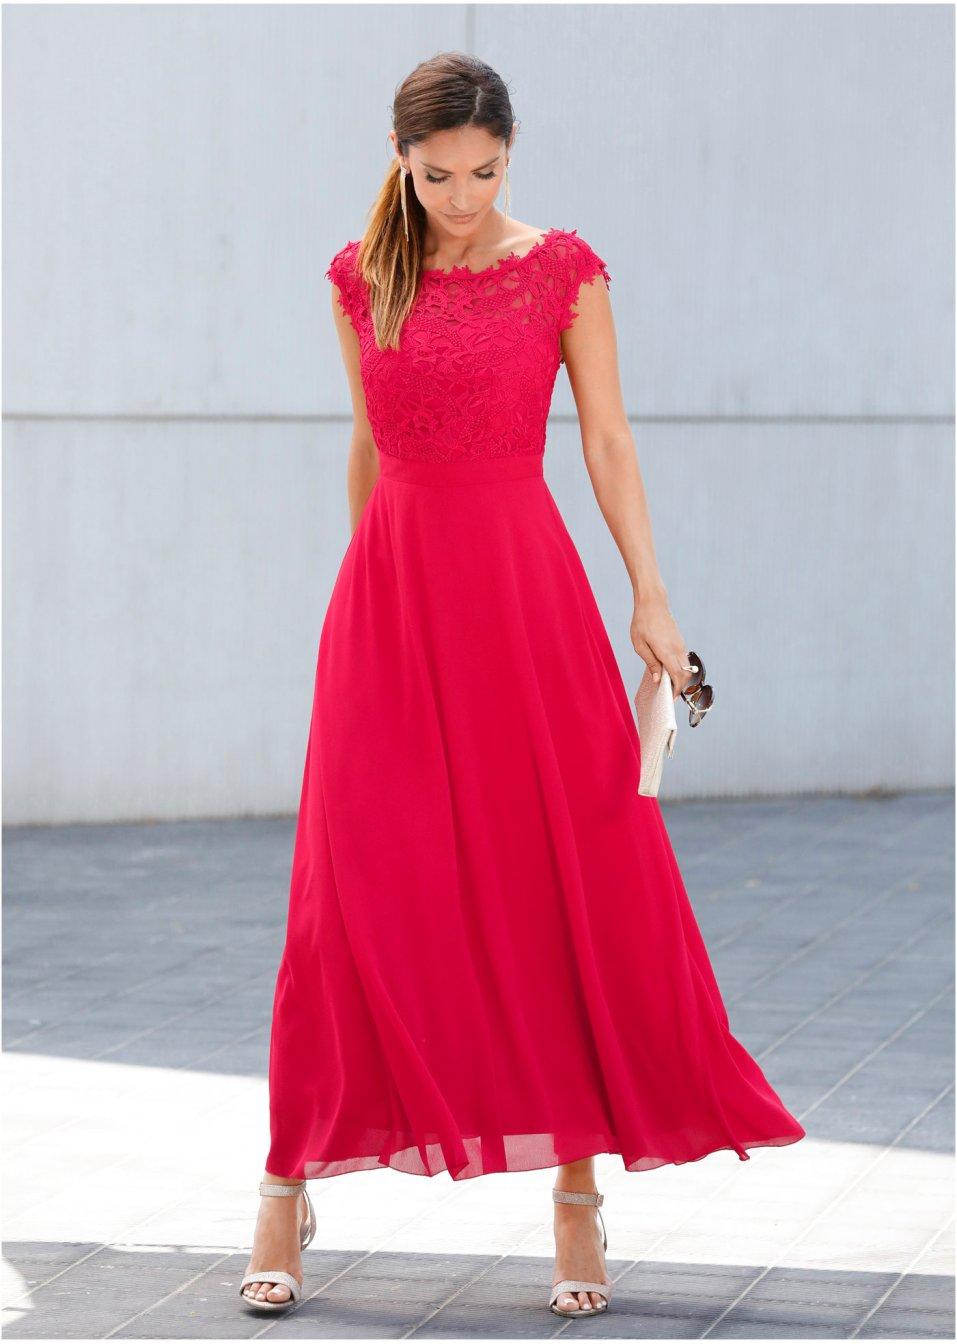 Rote Kleider für Deinen feurigen Auftritt  bonprix